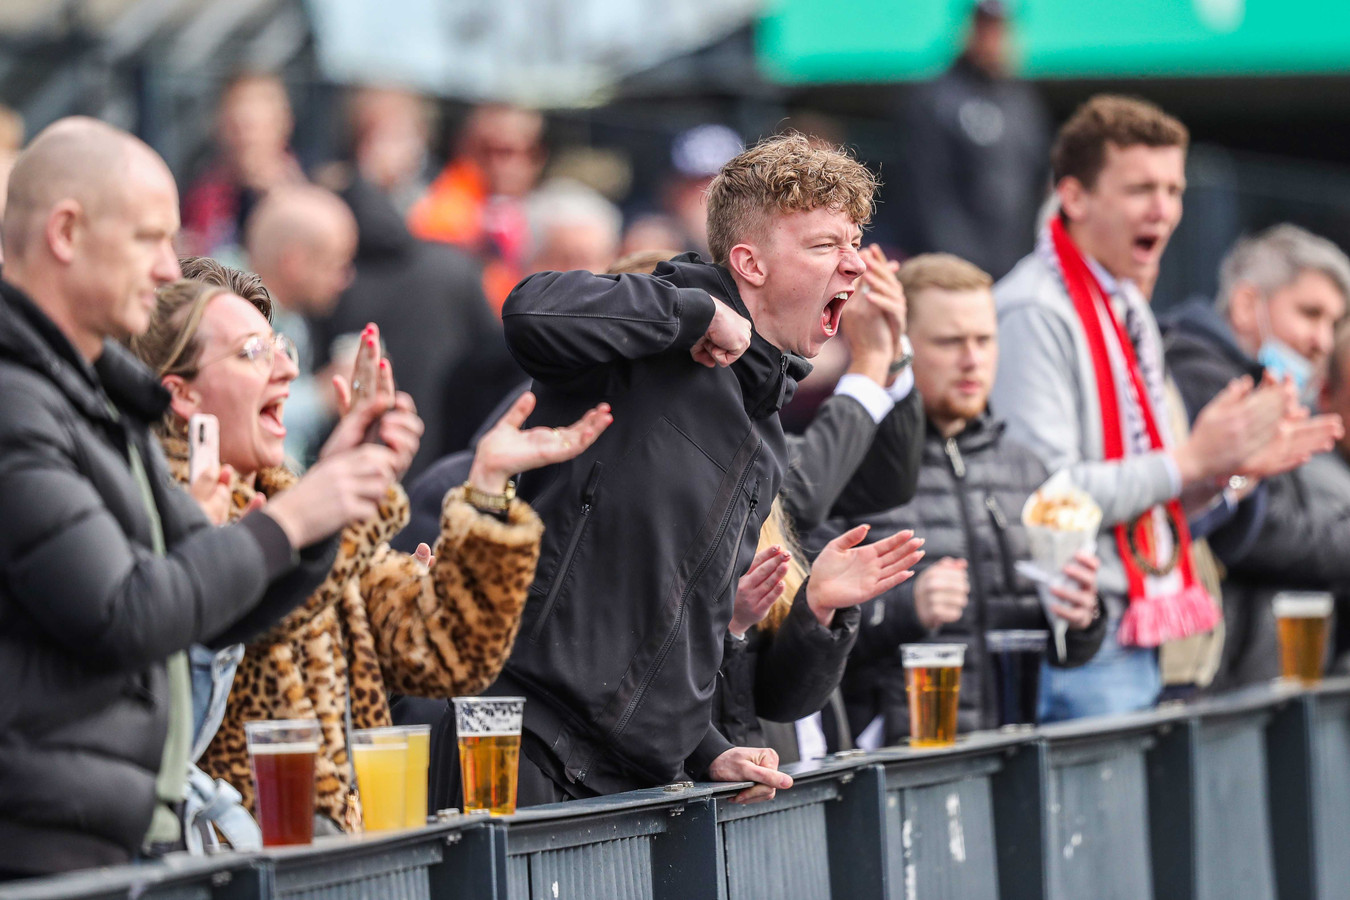 Supporters van Feyenoord tijdens de wedstrijd tegen Vitesse in de Kuip op 25 april, de wedstrijd hoorde bij de eerste serie pilots.